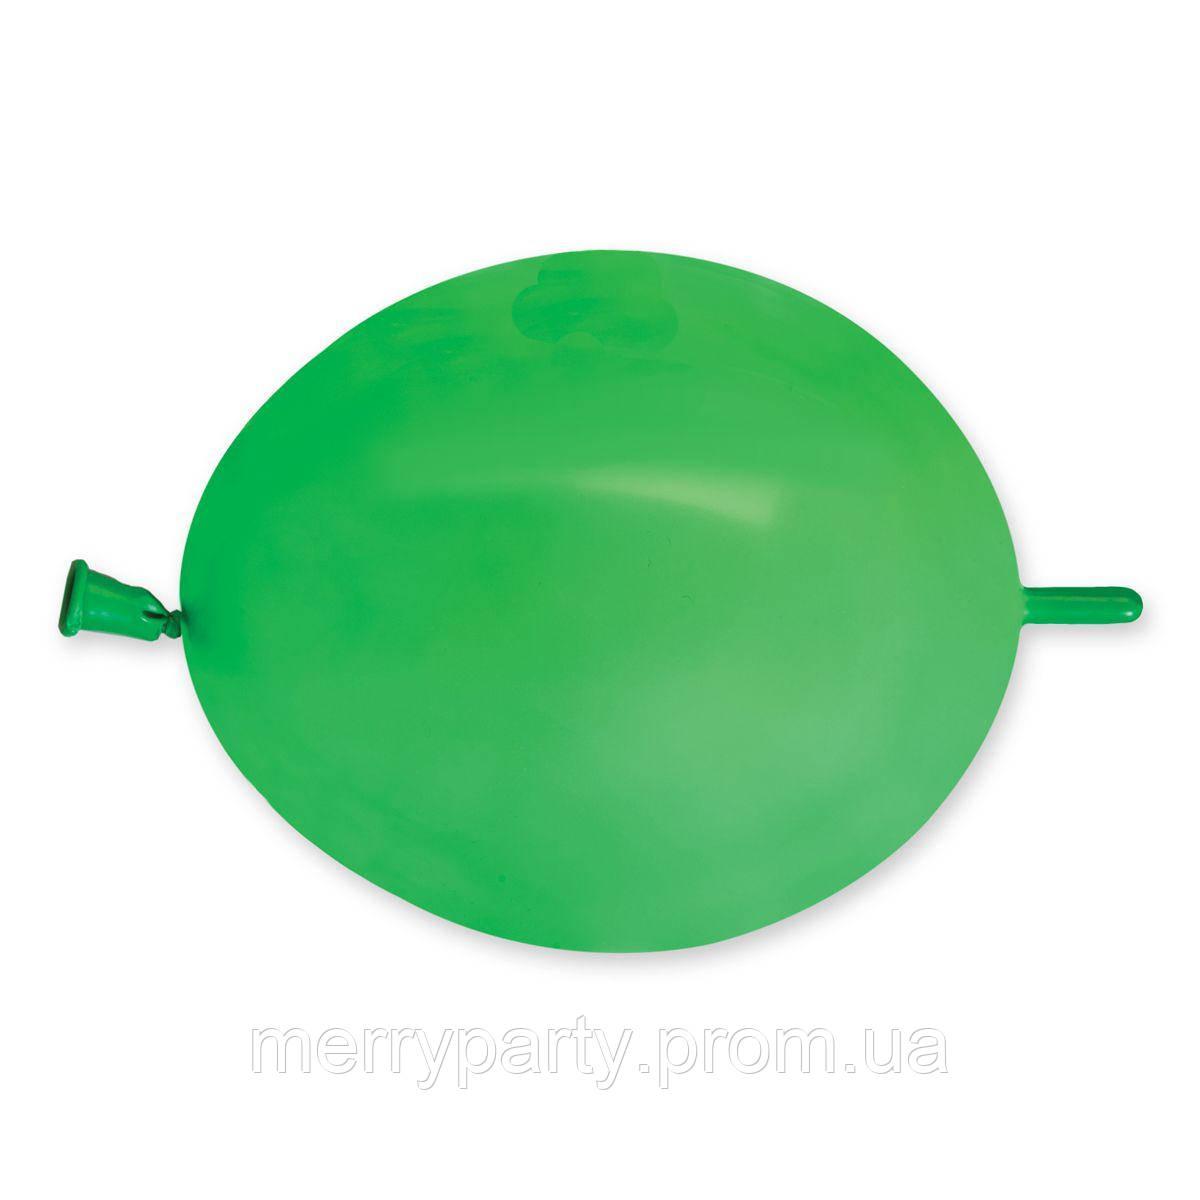 """Линколун 6"""" (16 см) пастель зеленый G-12 Gemar Италия"""